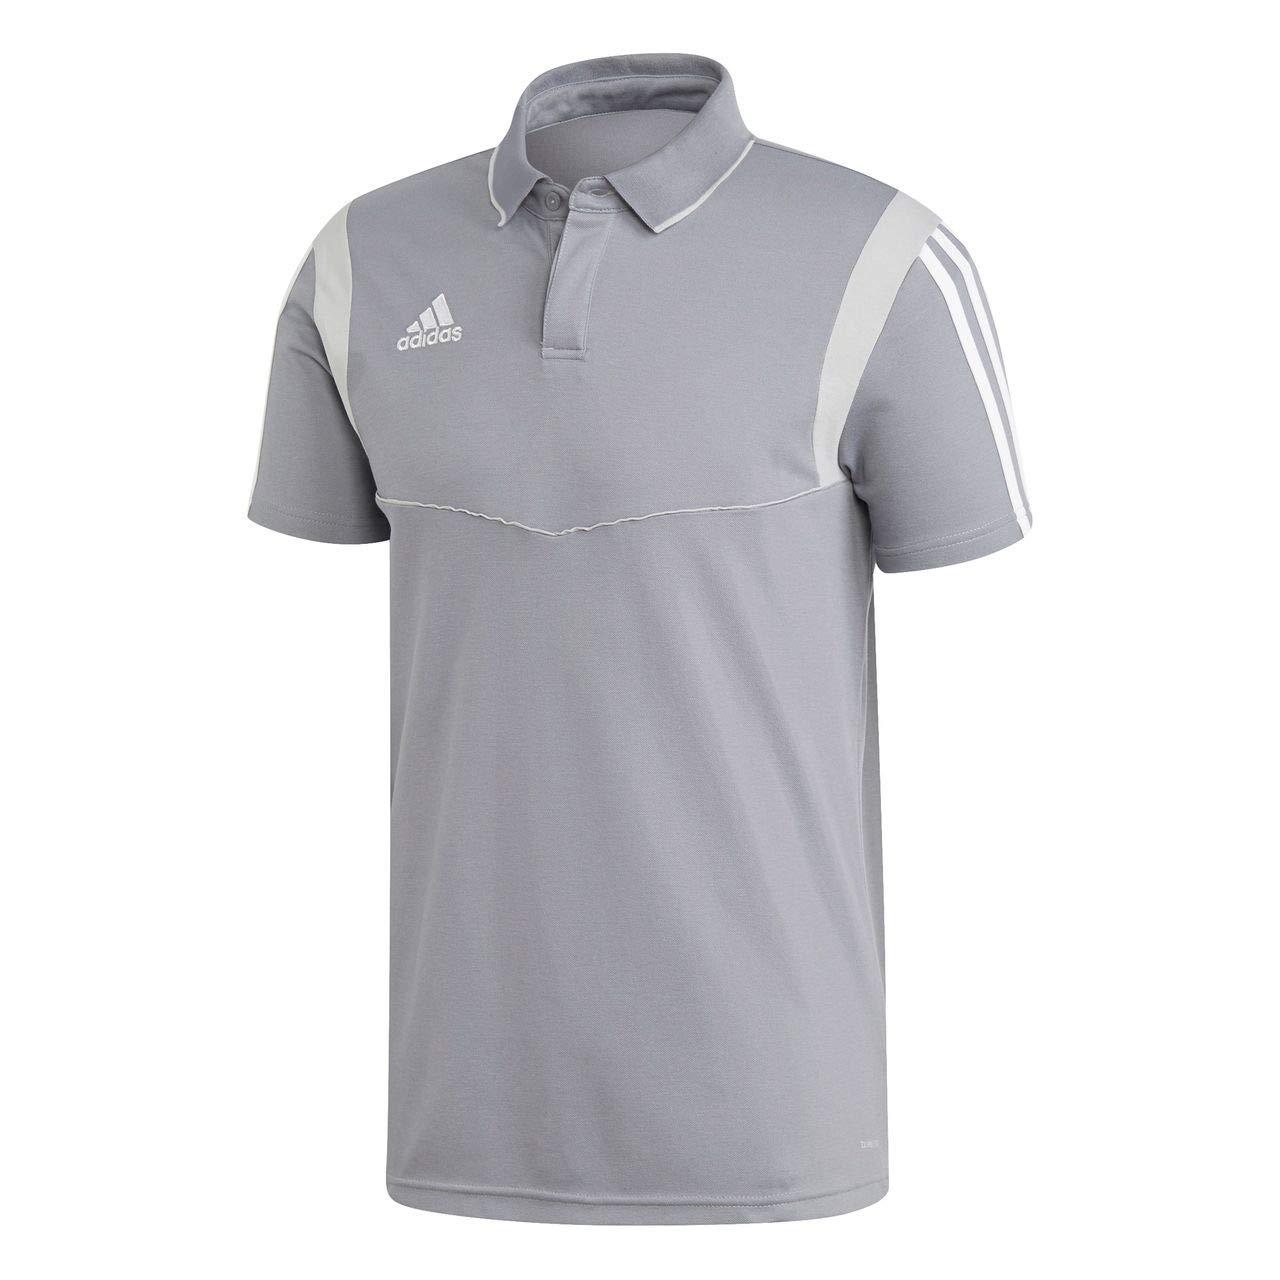 Adidas Dw4736 Polo Shirt, Hombre: Amazon.es: Deportes y aire libre